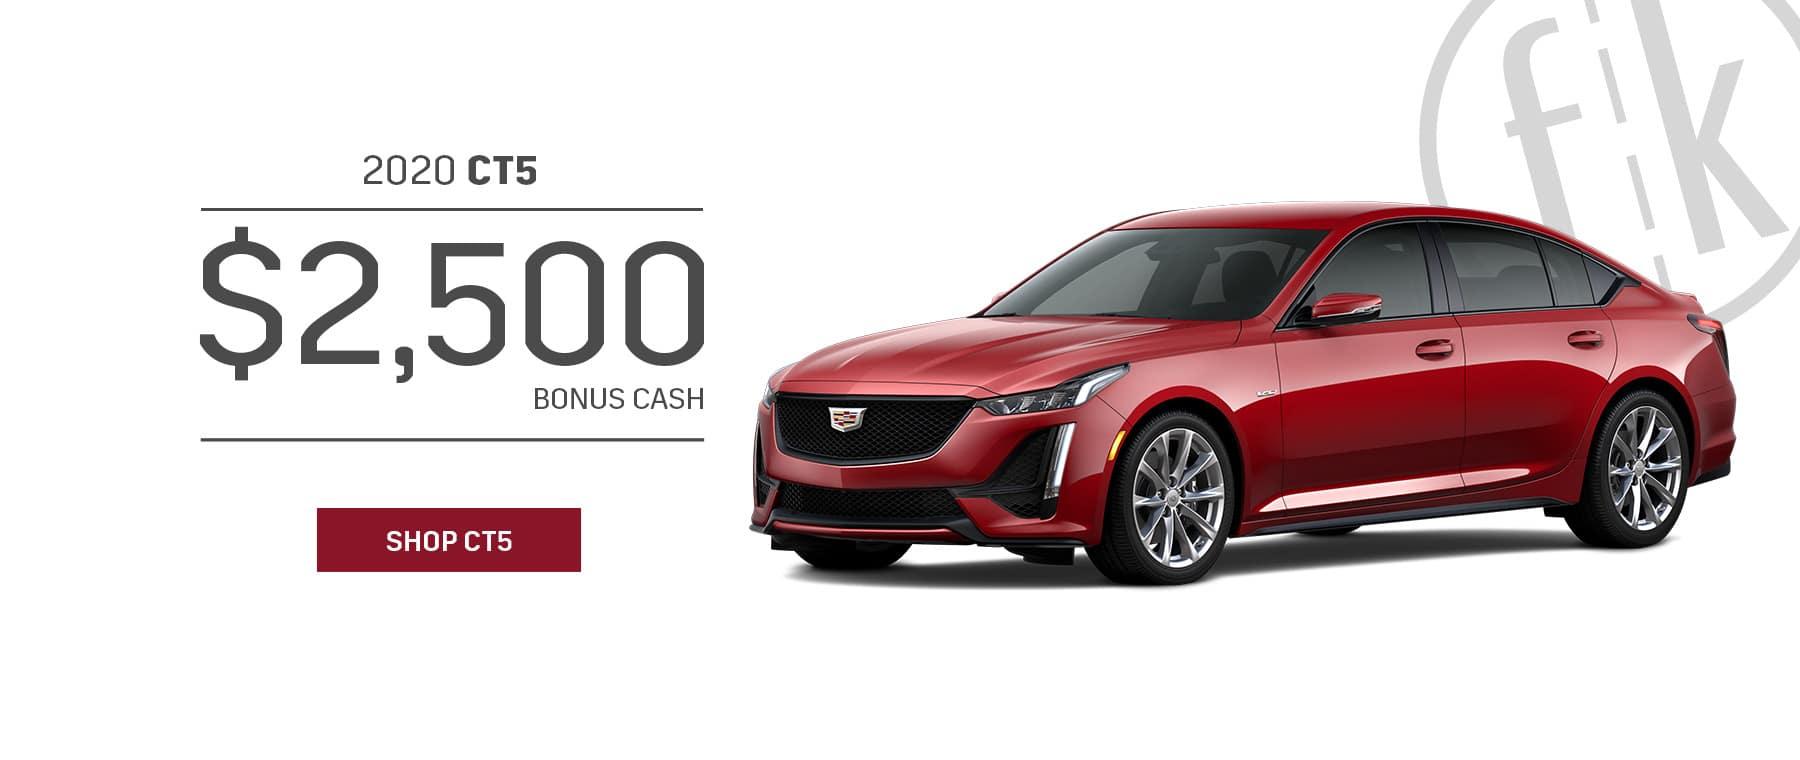 2020 CT5 $2,500 Bonus Cash